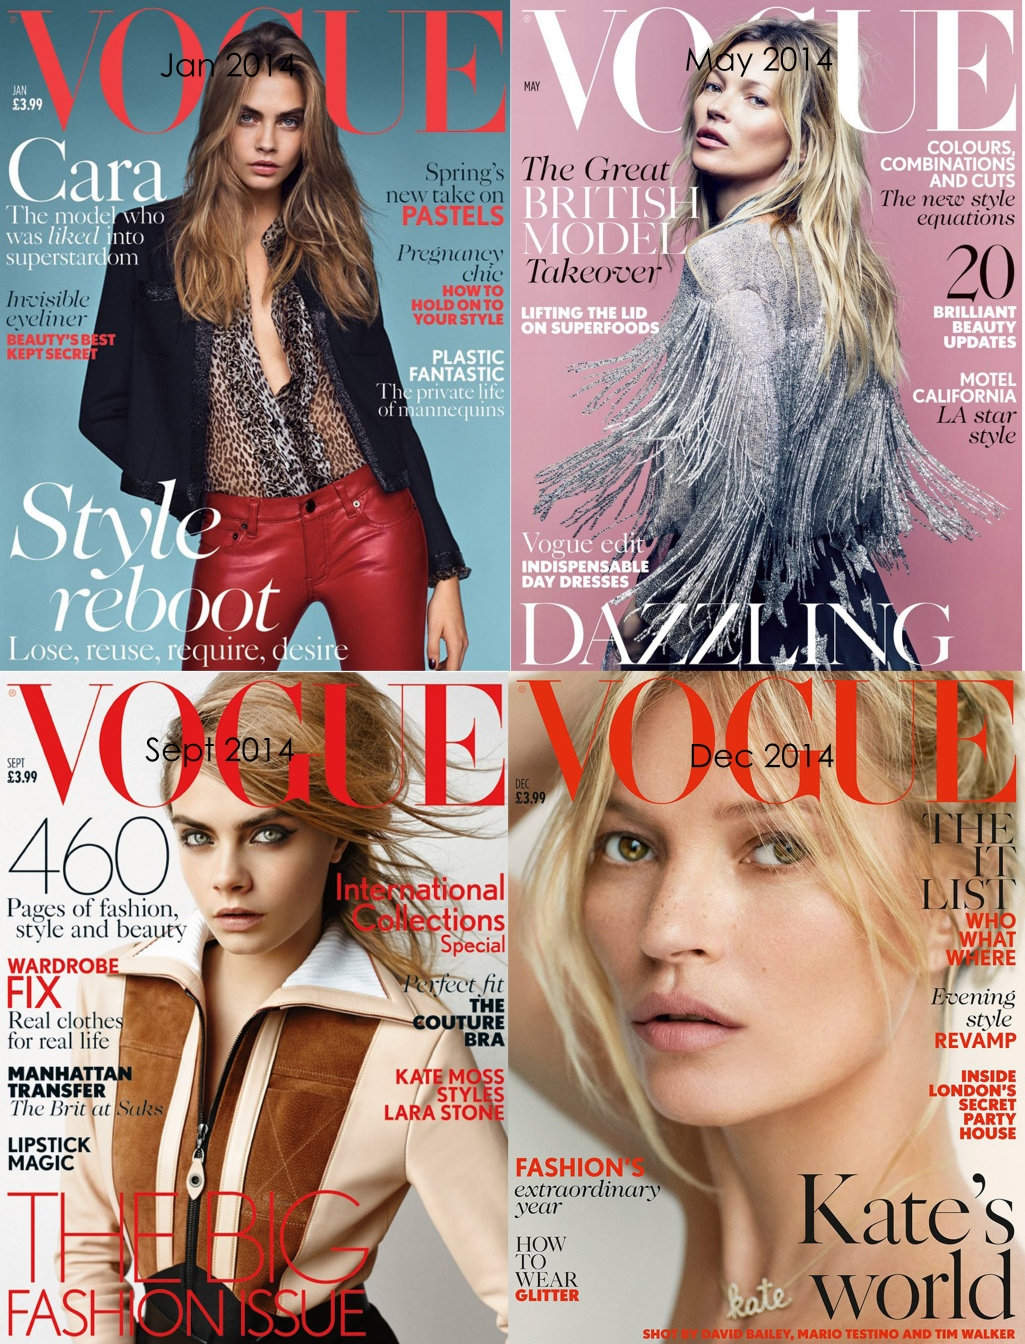 Vogue Cara and Kate